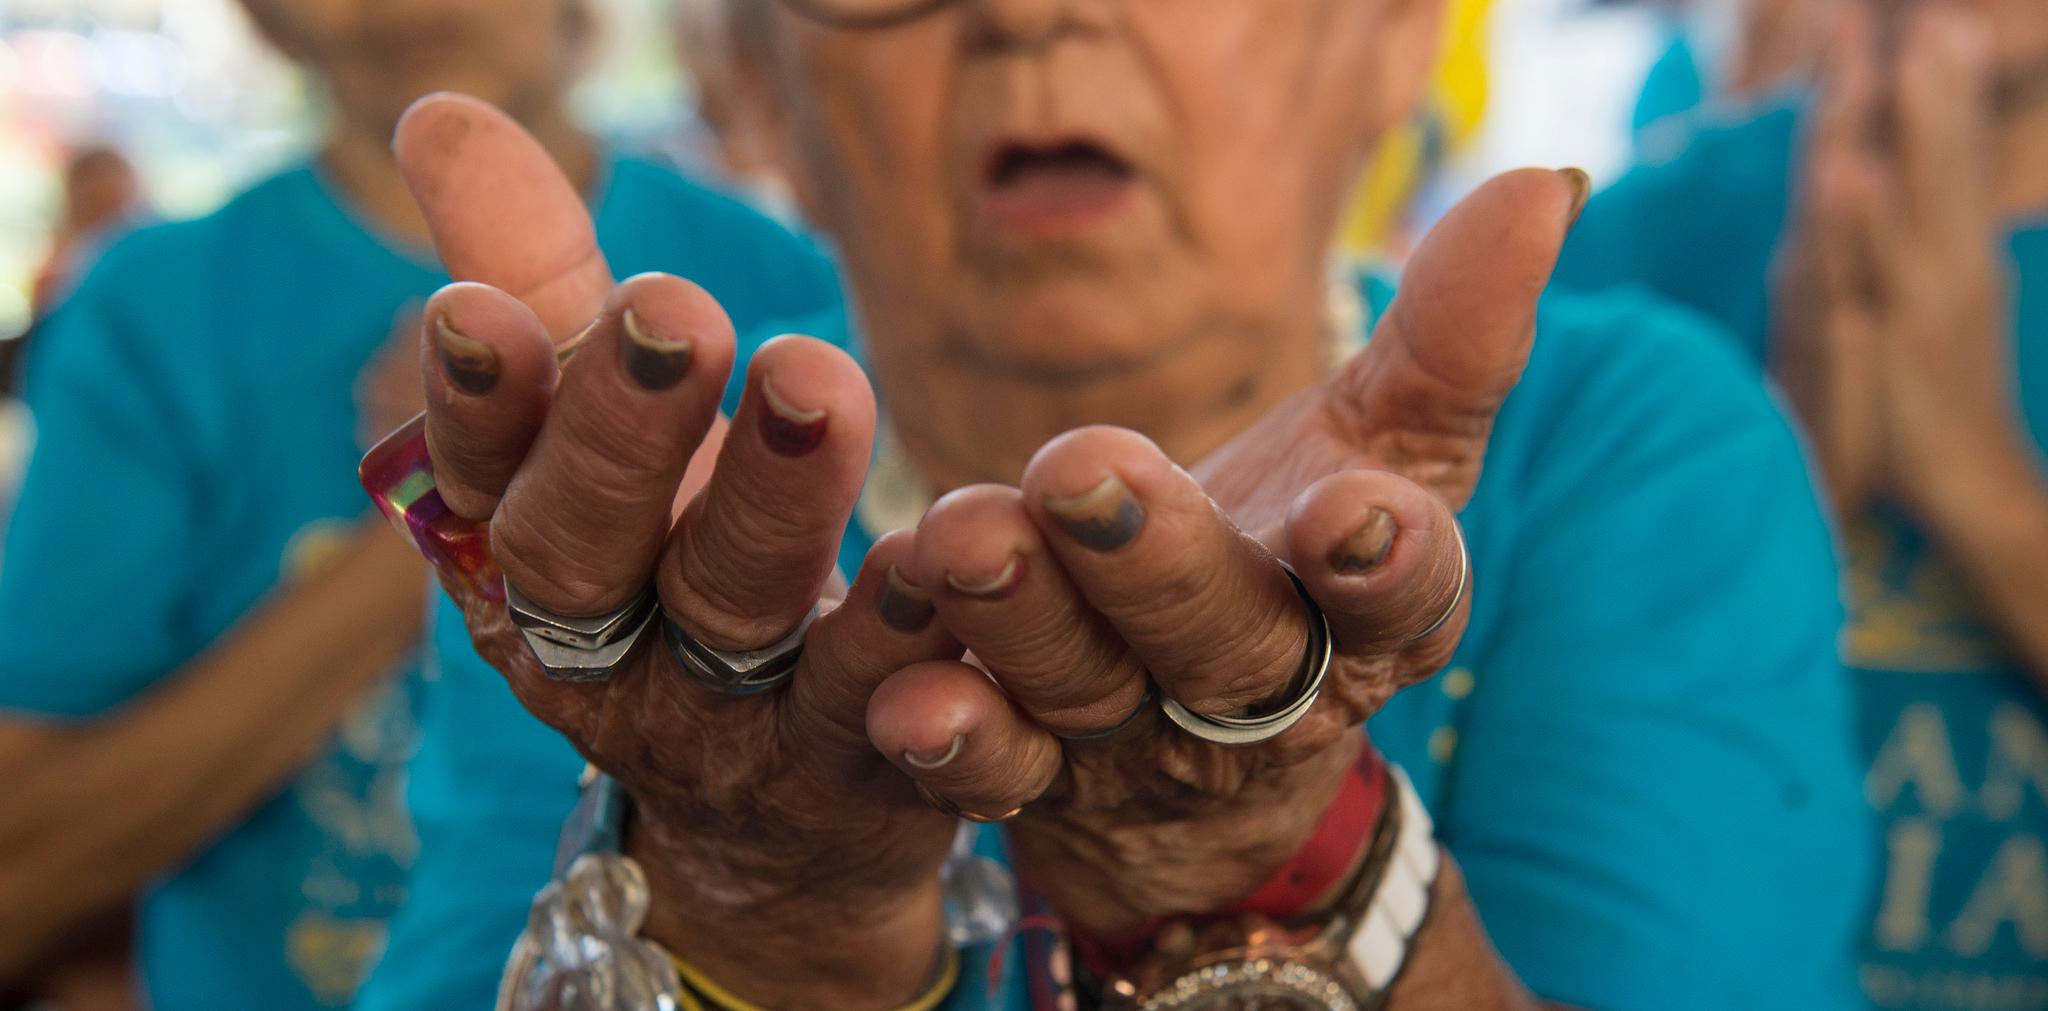 V Encontro de Cuidadores de Alzheimer do Cariri discute cuidados e processo de envelhecimento